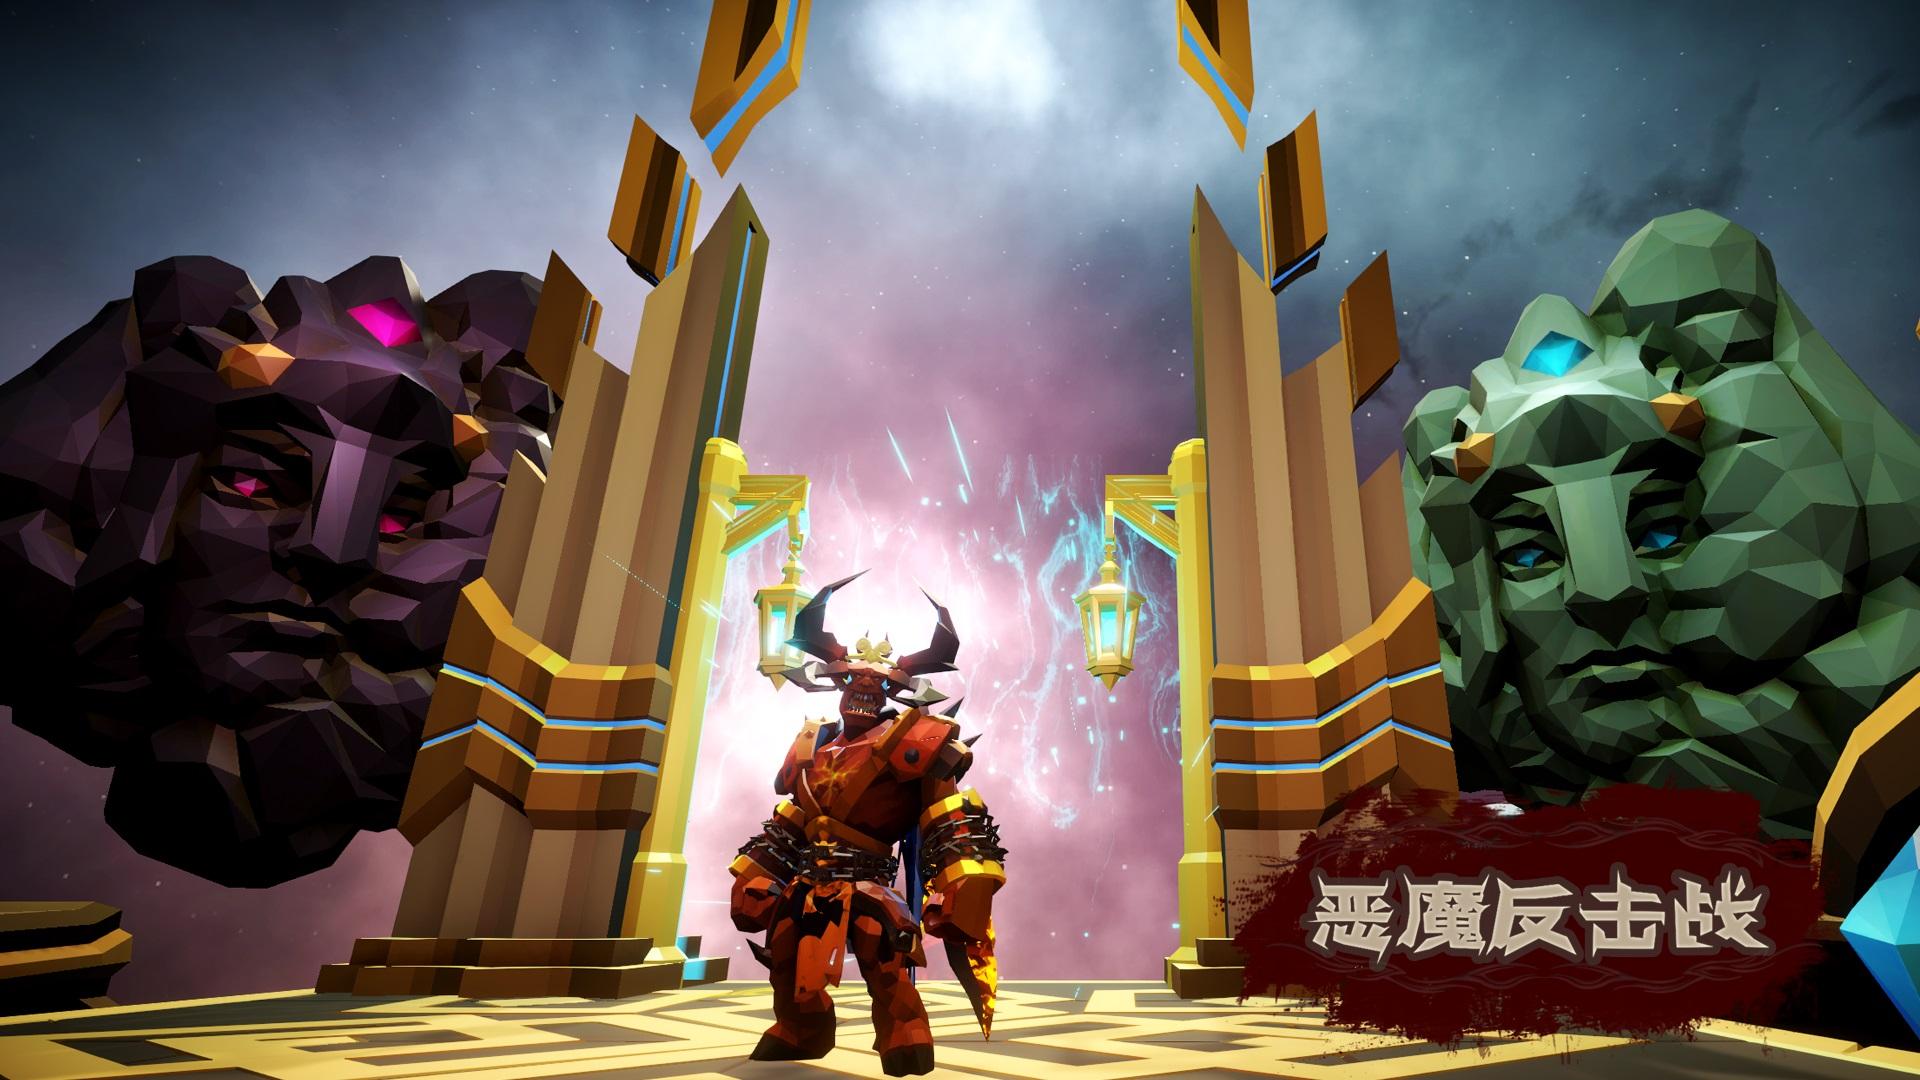 国产动作游戏《恶魔反击战》今日发售 登录首周可享9折优惠